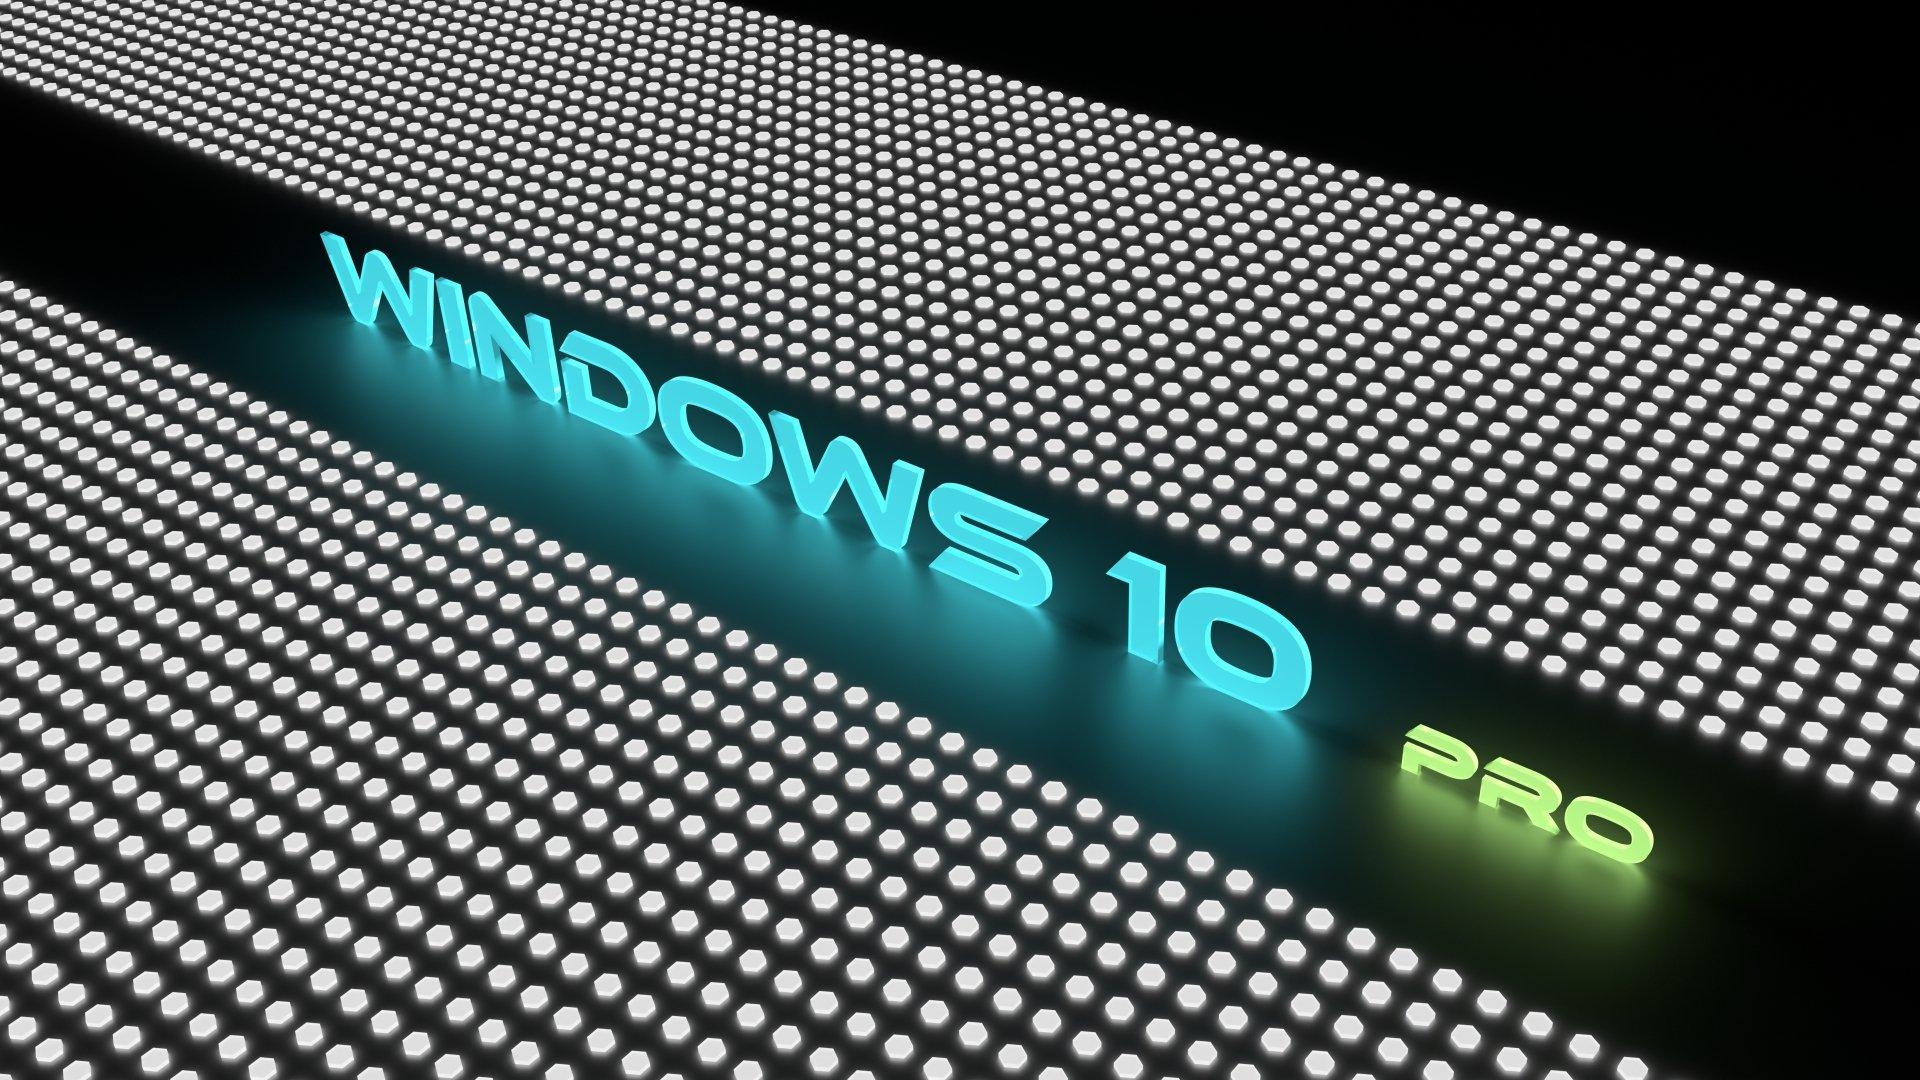 Technology - Windows 10  Wallpaper